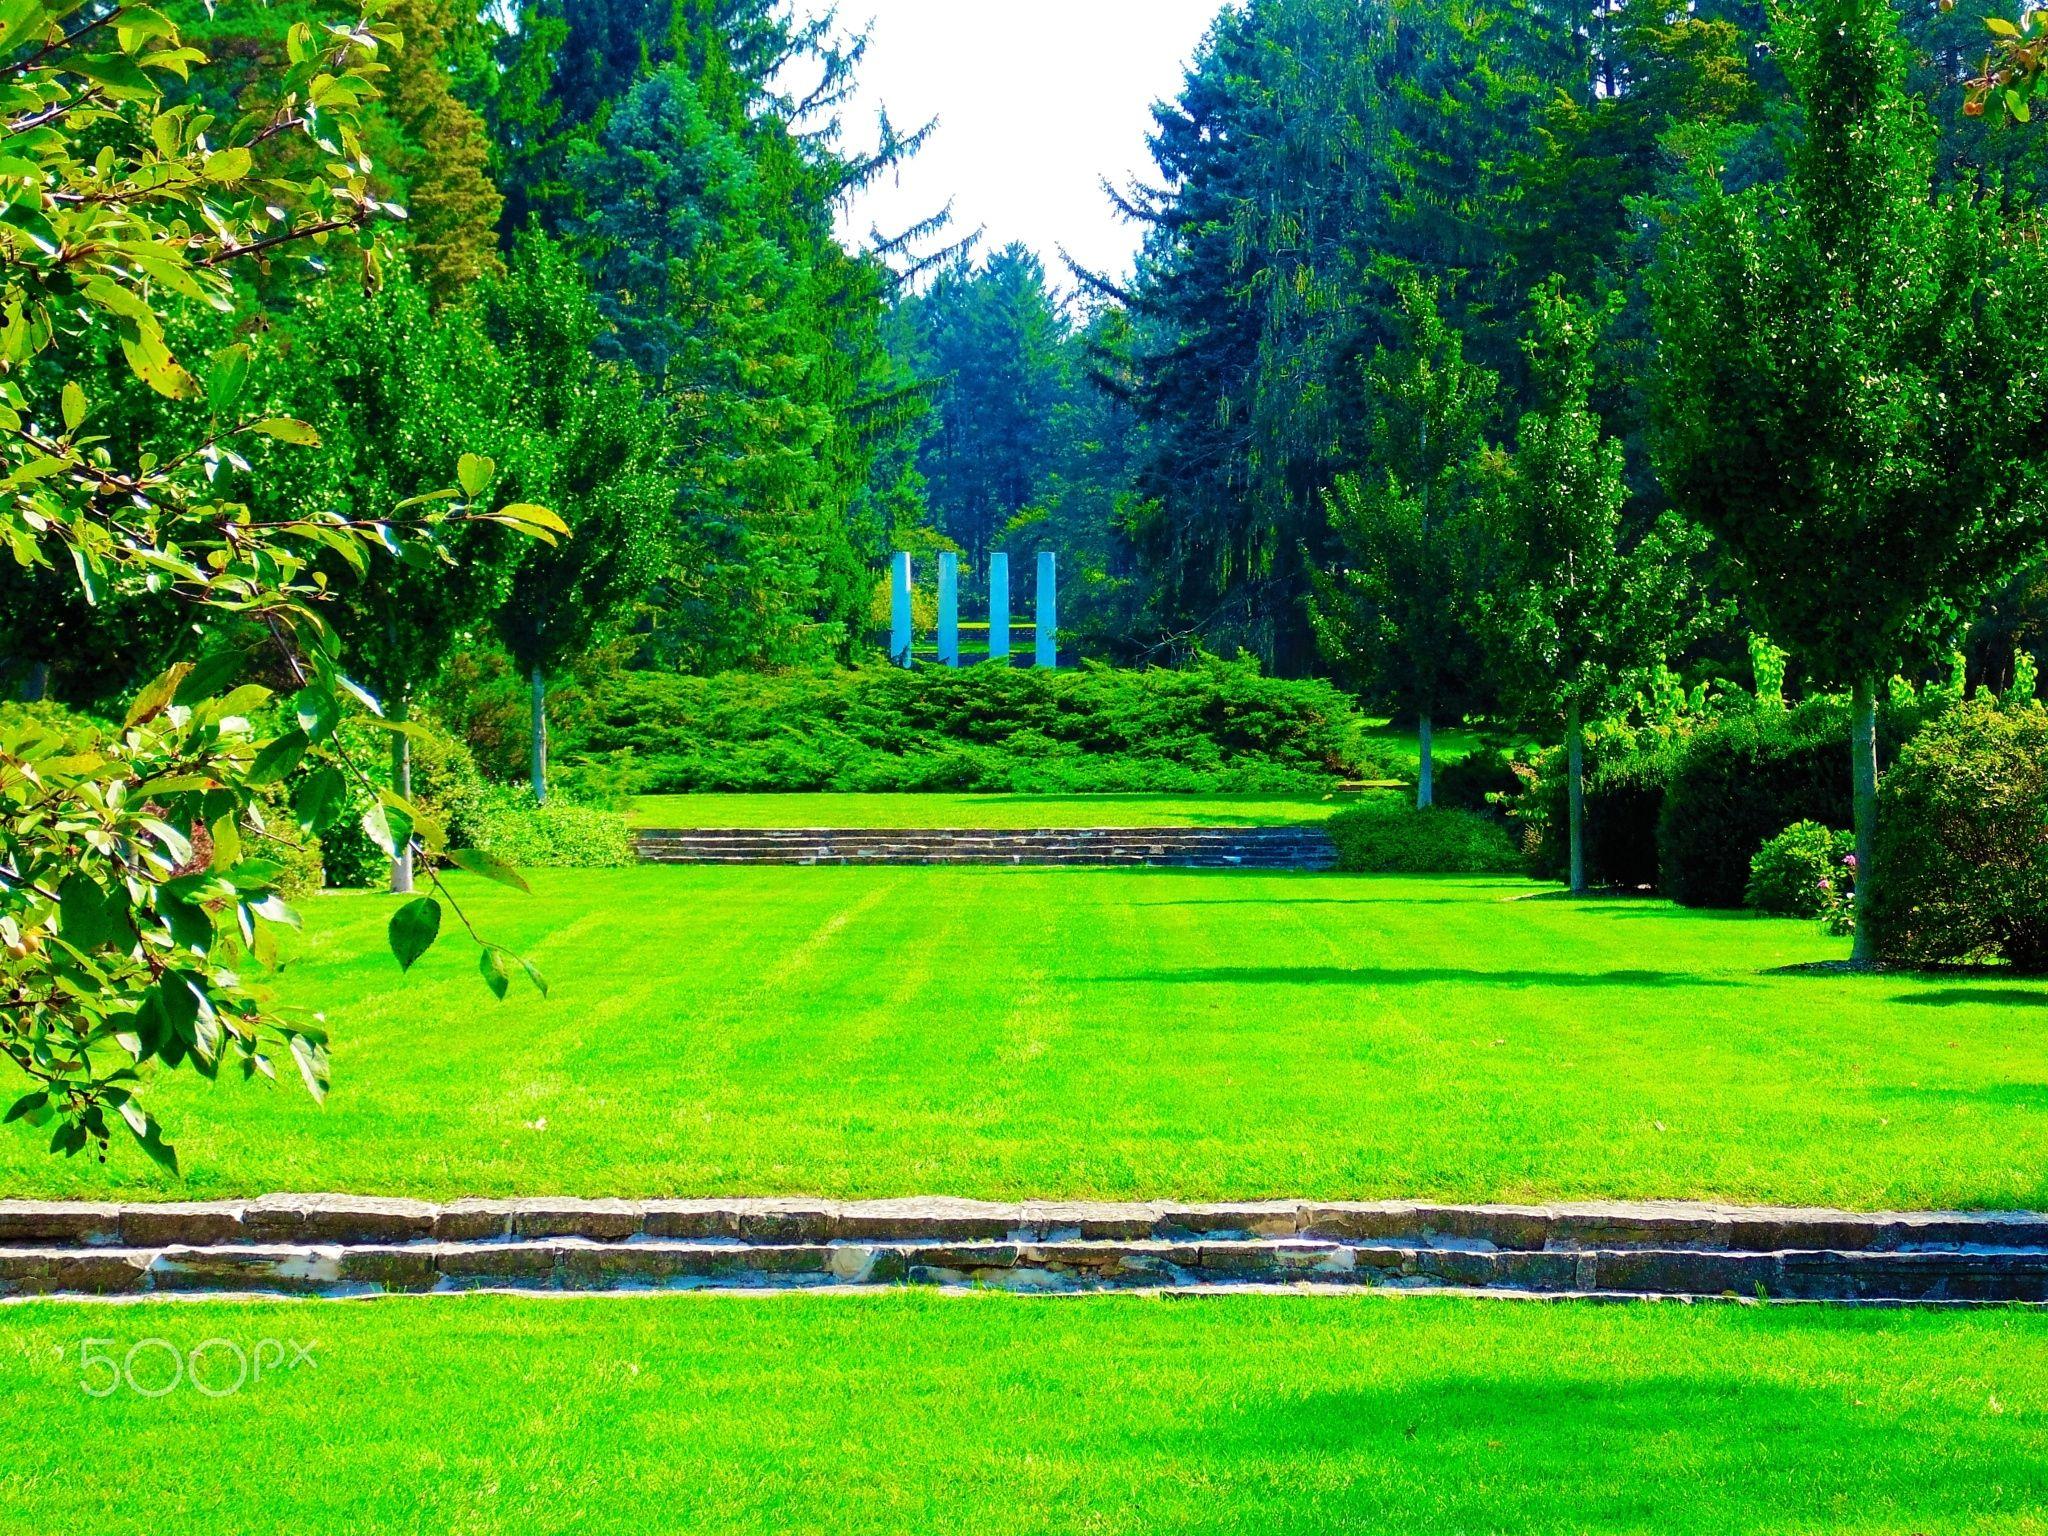 Peaceful Garden null Garden, Nature, Peace